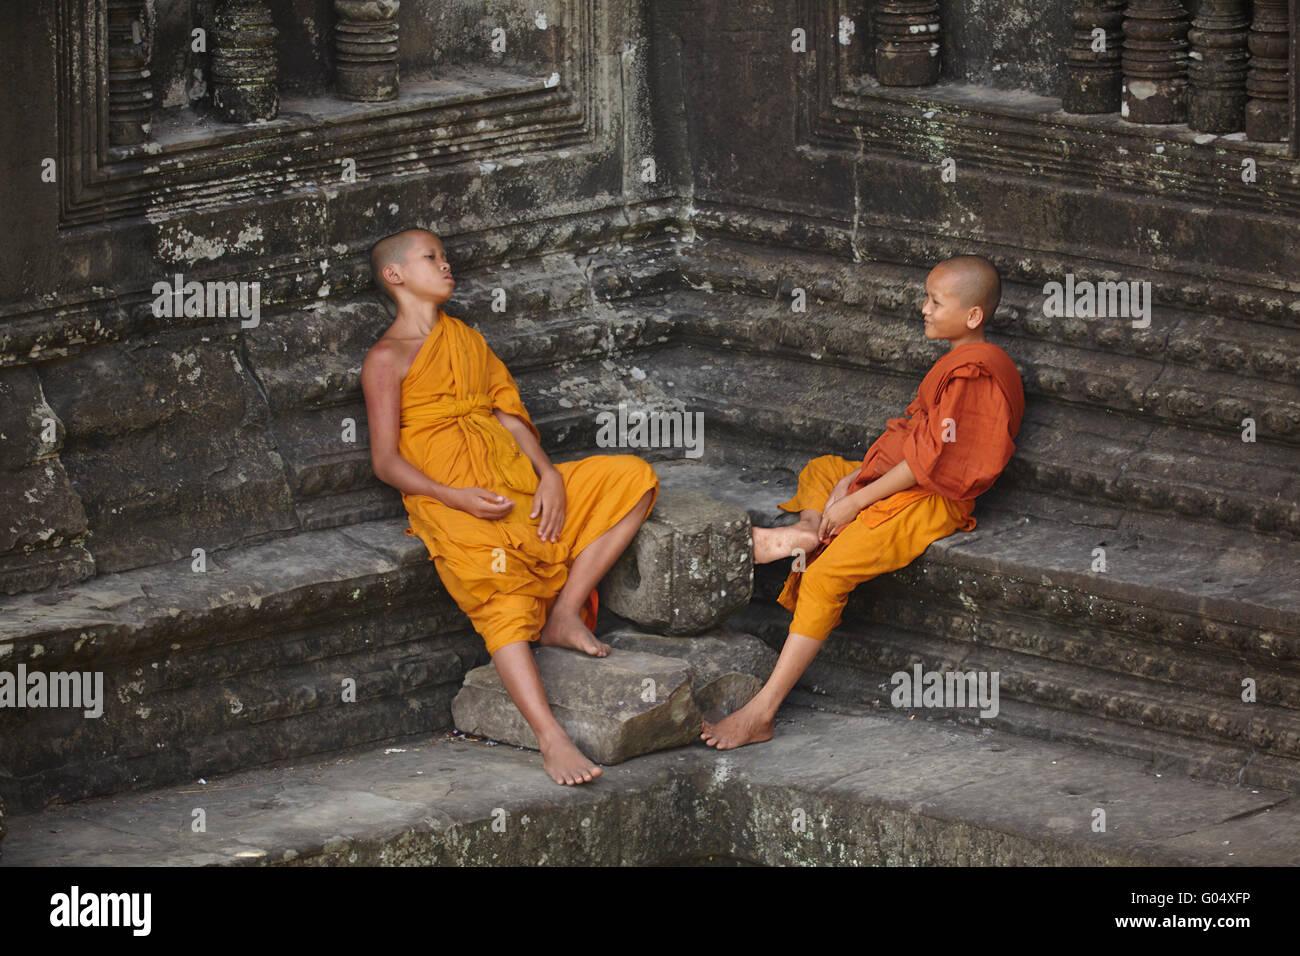 Les jeunes moines bouddhistes à Angkor Wat temple Khmer (12e siècle), site du patrimoine mondial d'Angkor, Photo Stock